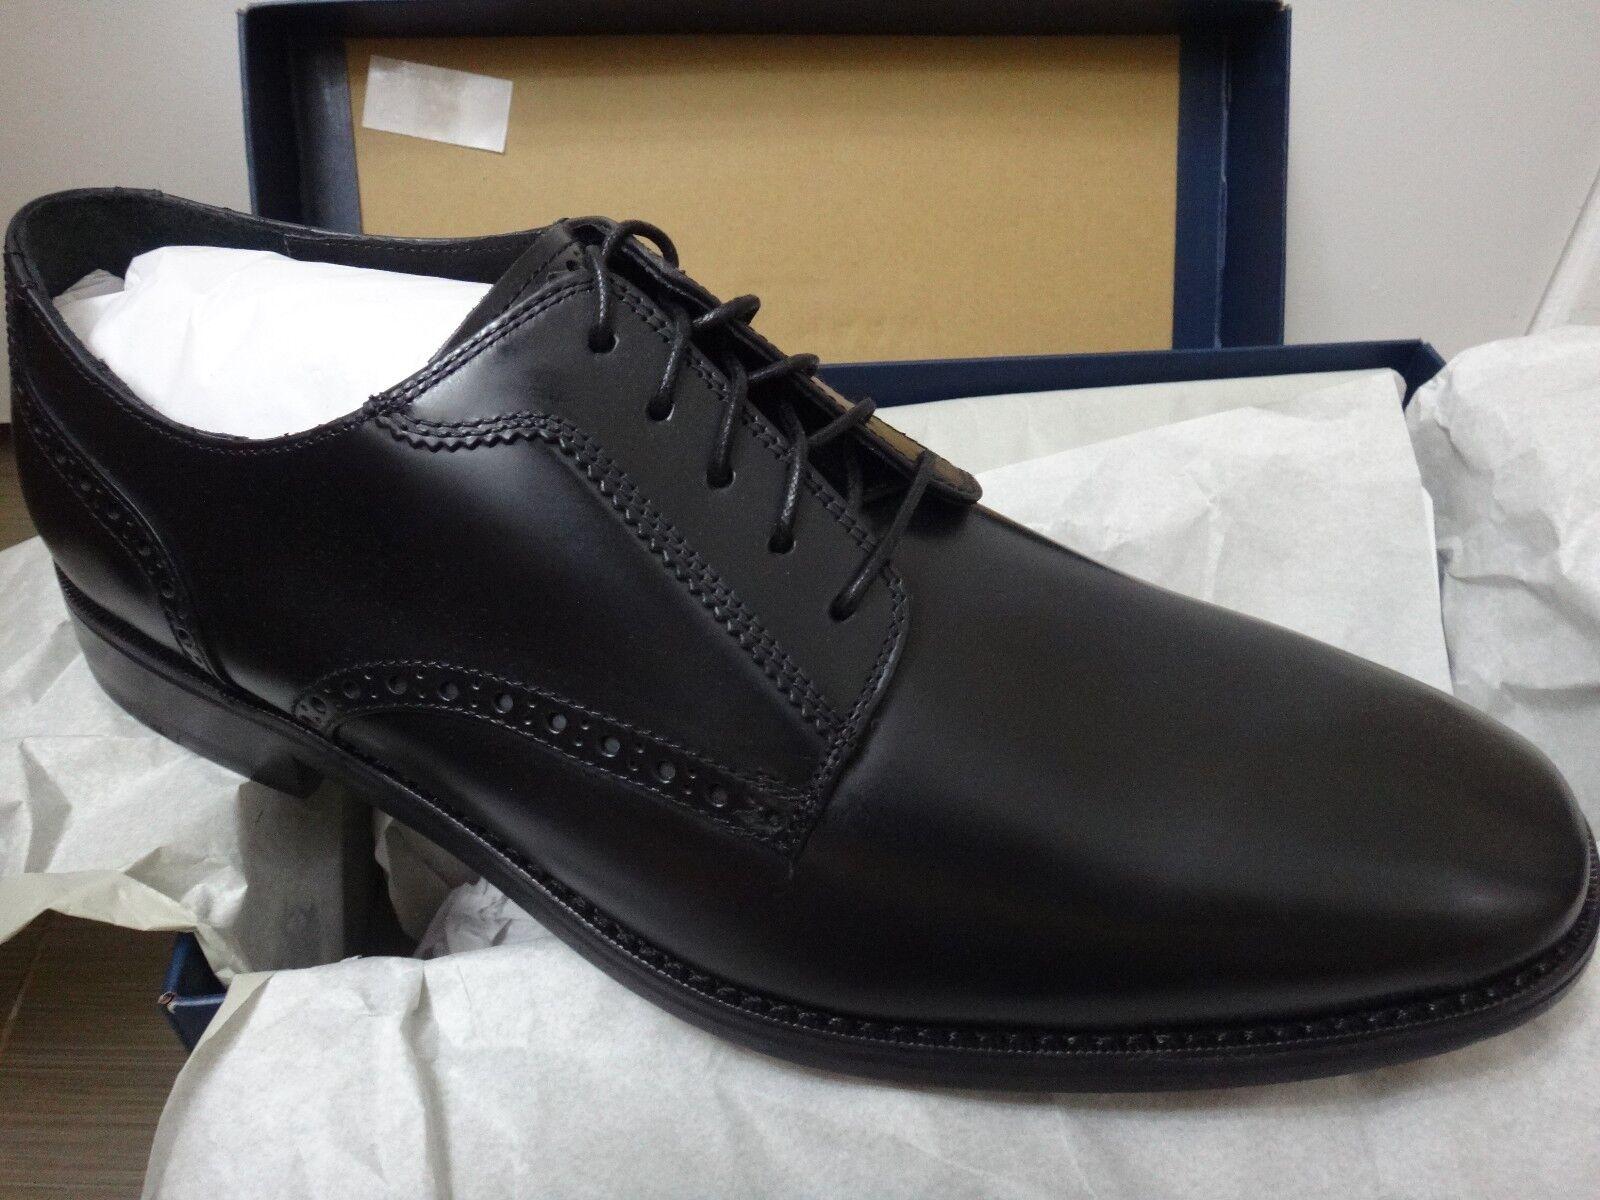 Cole Haan Giroaldo Luxe Plain Toe  Oxford II Scarpe Nere (Nuova con scatola, formato 11.5)  Sconto del 70% a buon mercato